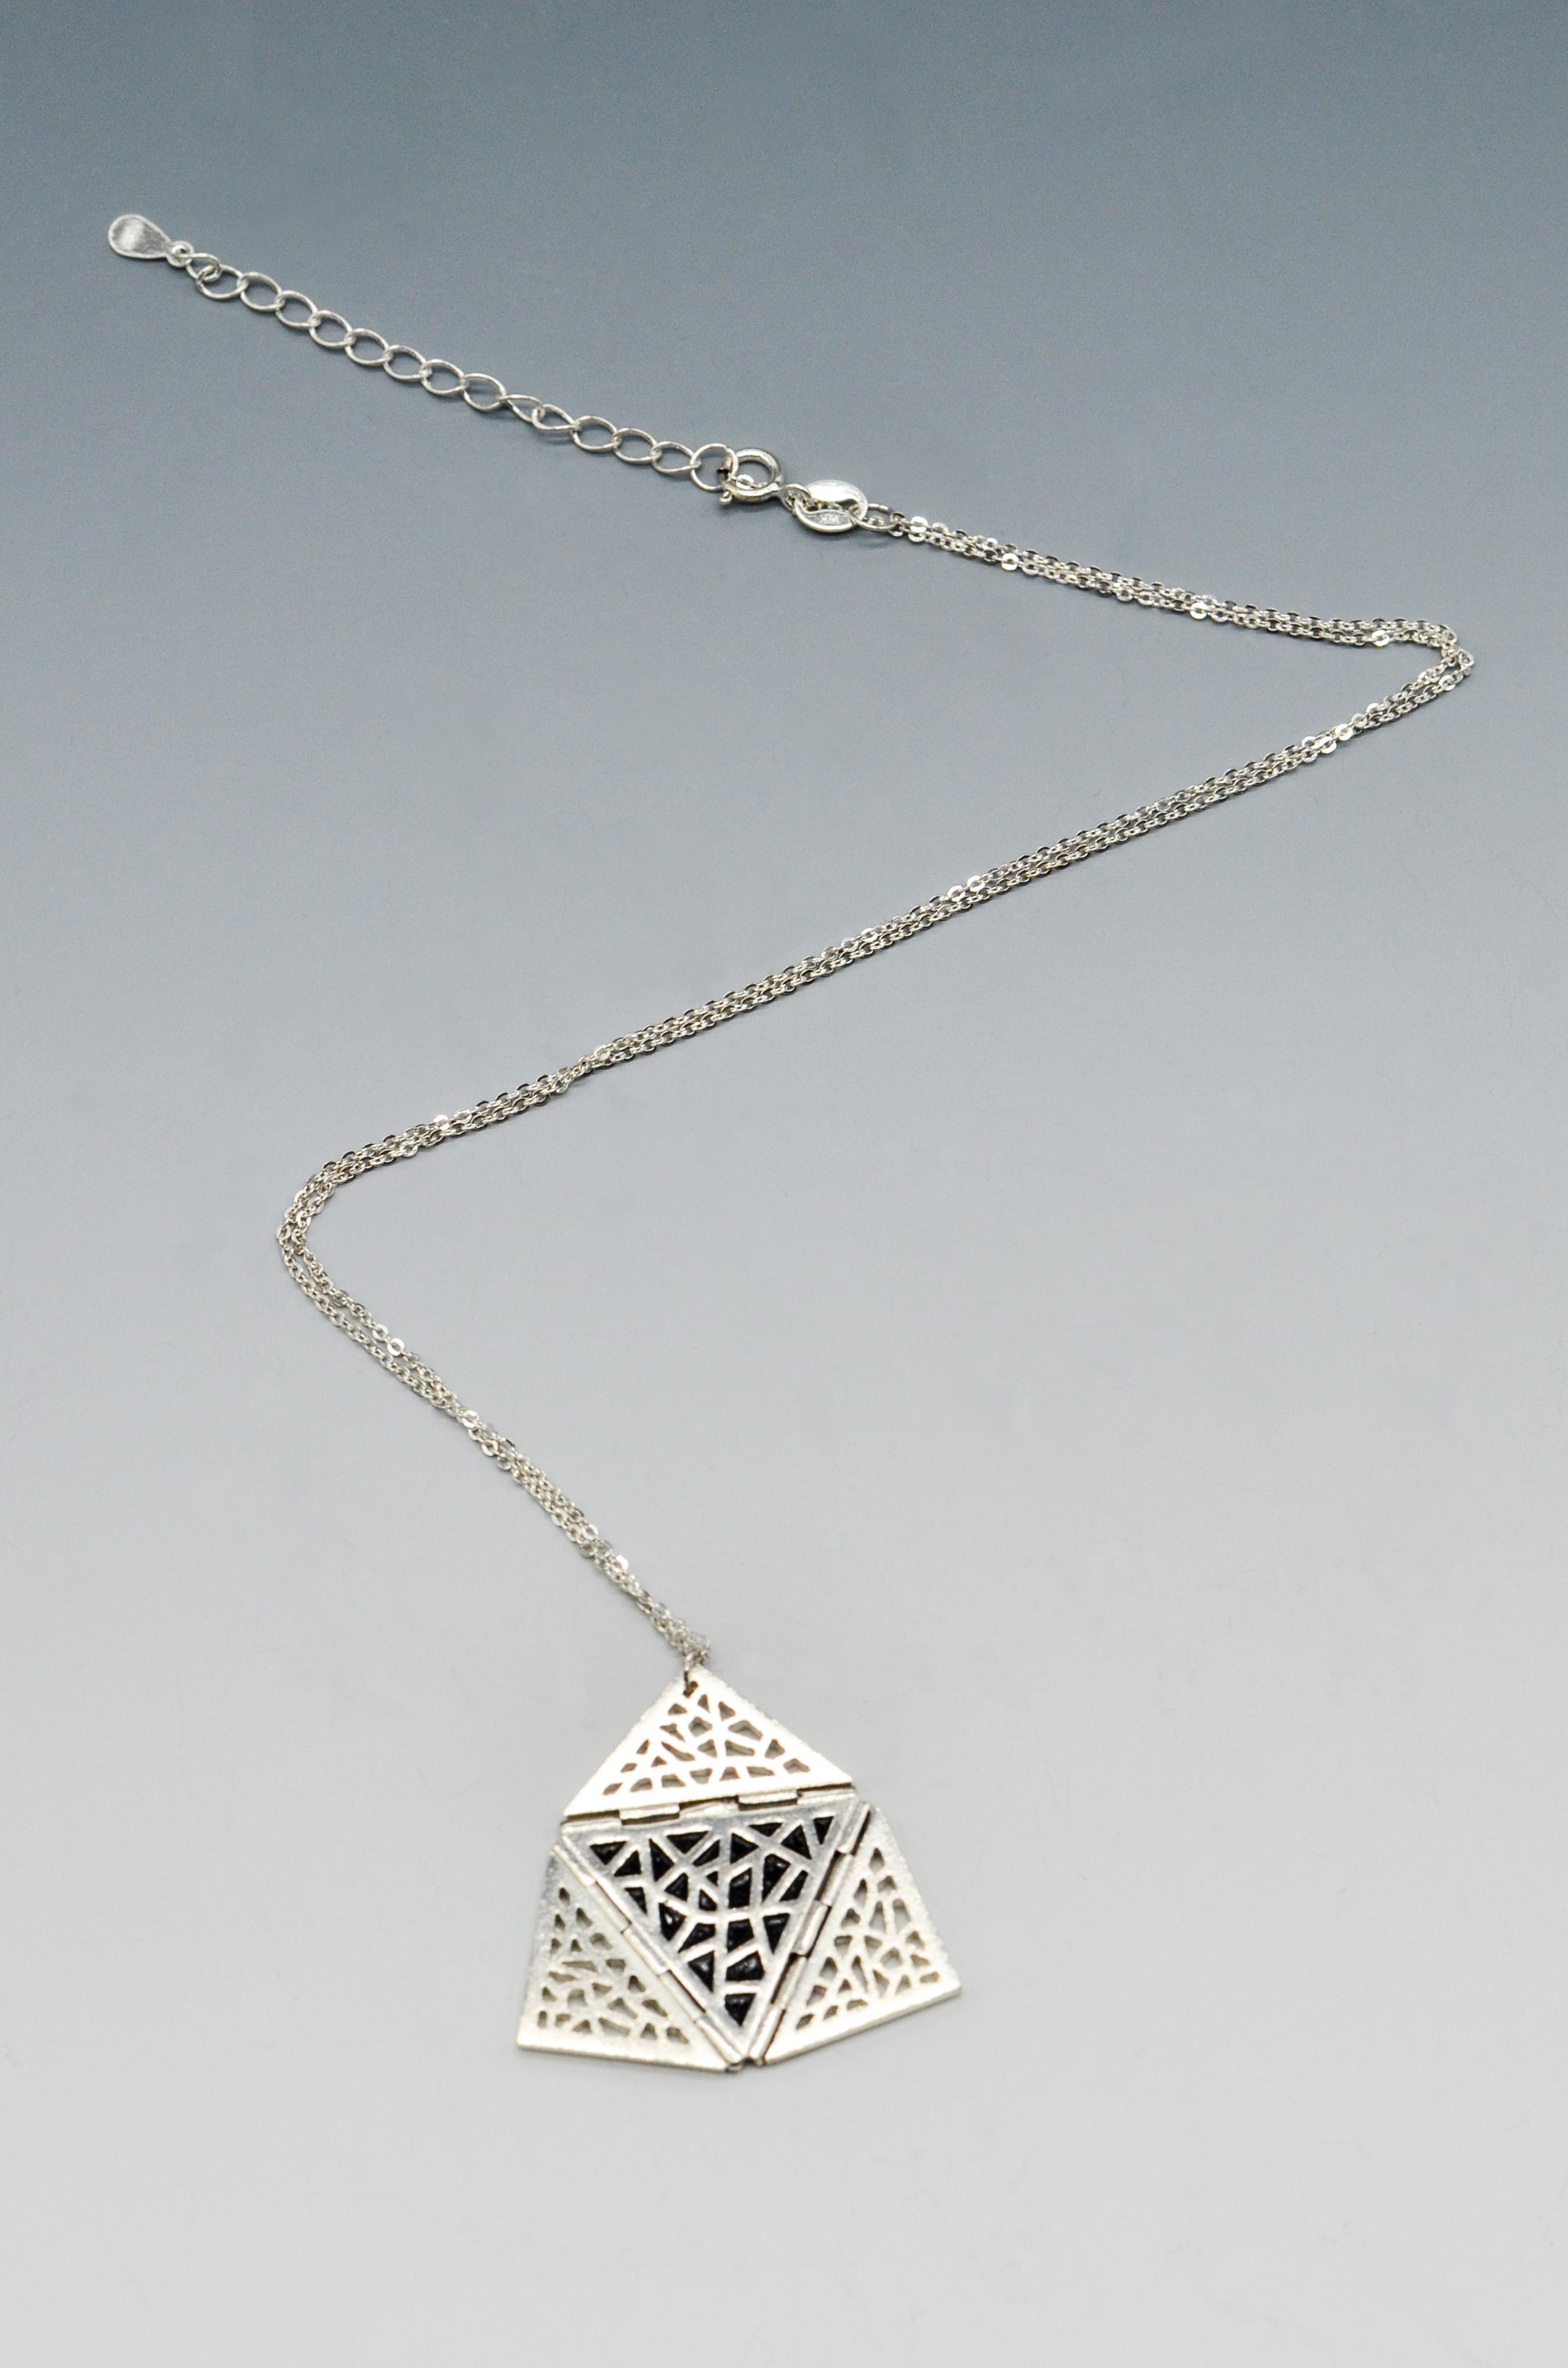 珠宝学院2016届首饰设计专业毕业设计作品